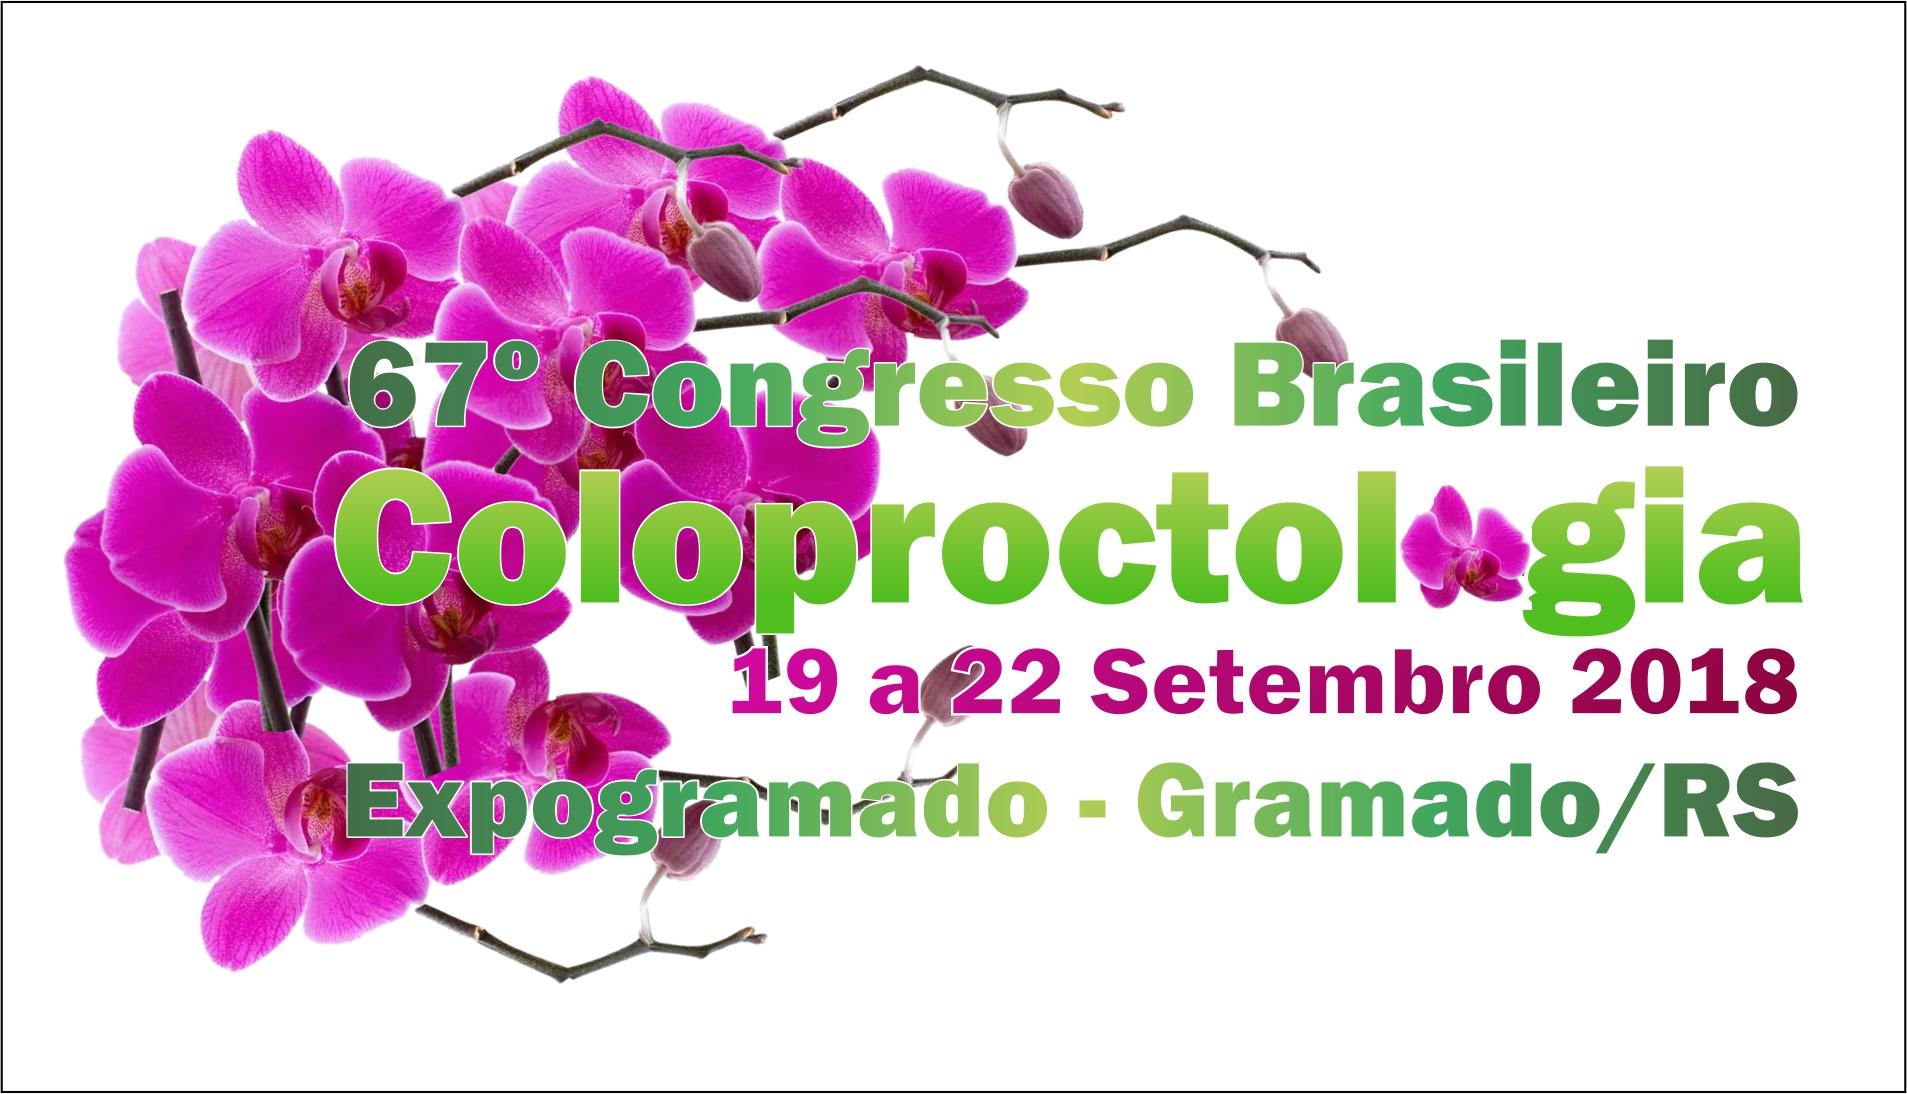 Imagem do evento 67 CONGRESSO BRASILEIRO COLOPROCTOLOGIA